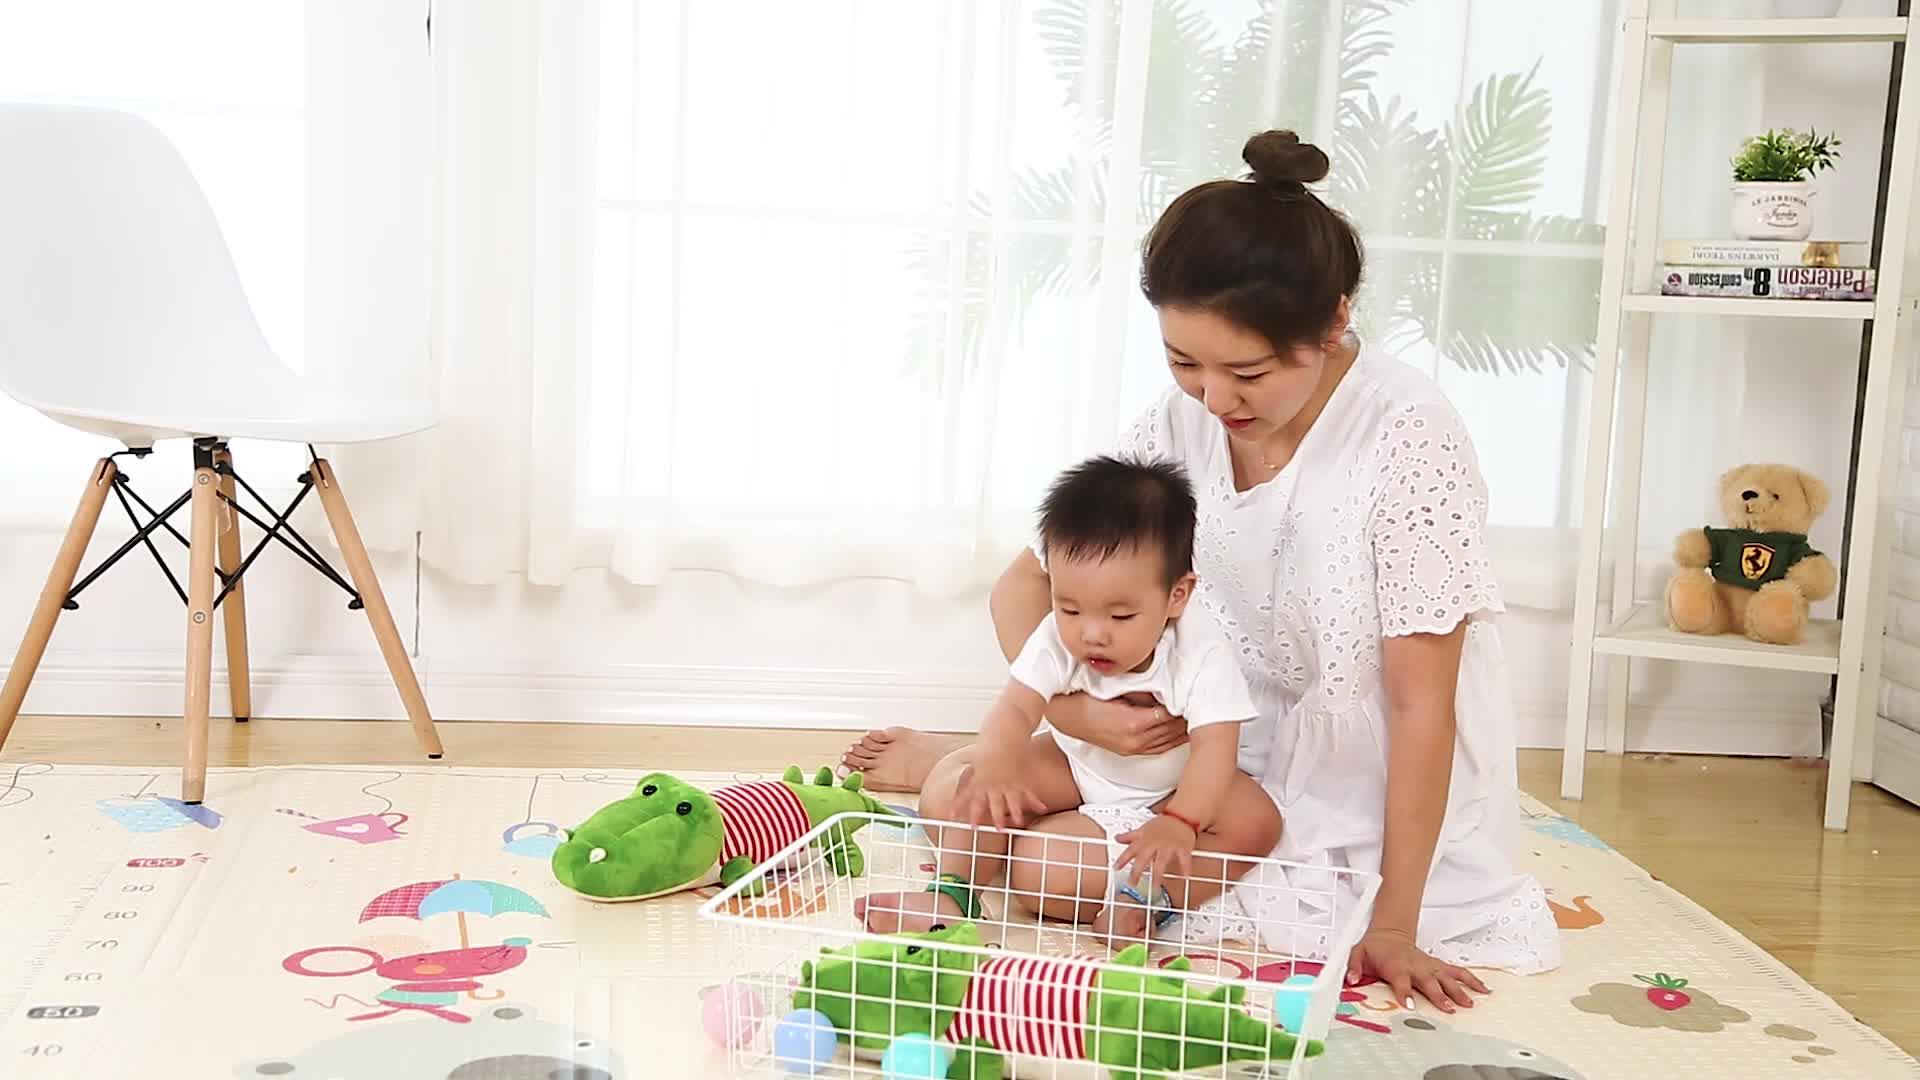 حصيرة لعب أطفال مقاومة للماء من مادة القطن قابلة للطي XPE/بساط للعب الأطفال تستخدم لغرفة المعيشة وغرفة النوم